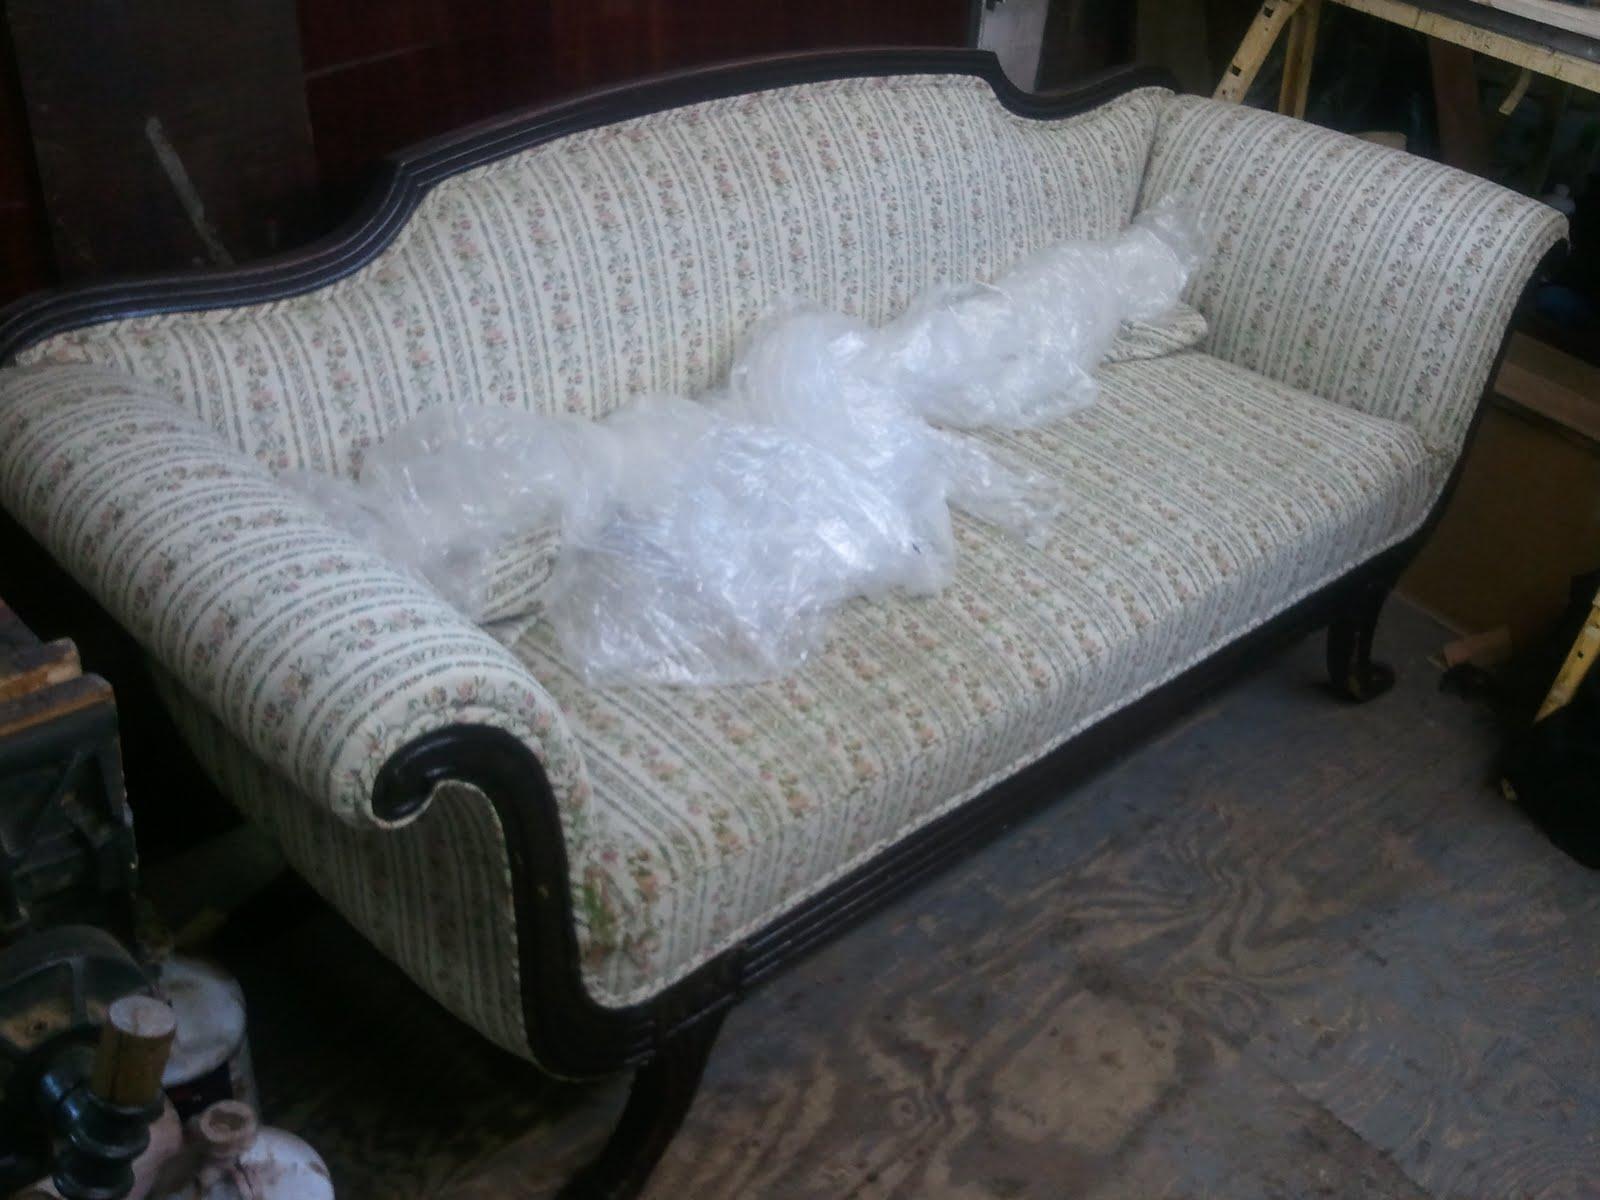 Duncan Phyfe Style Mahogany Sofa (ca. 1930) Part 1